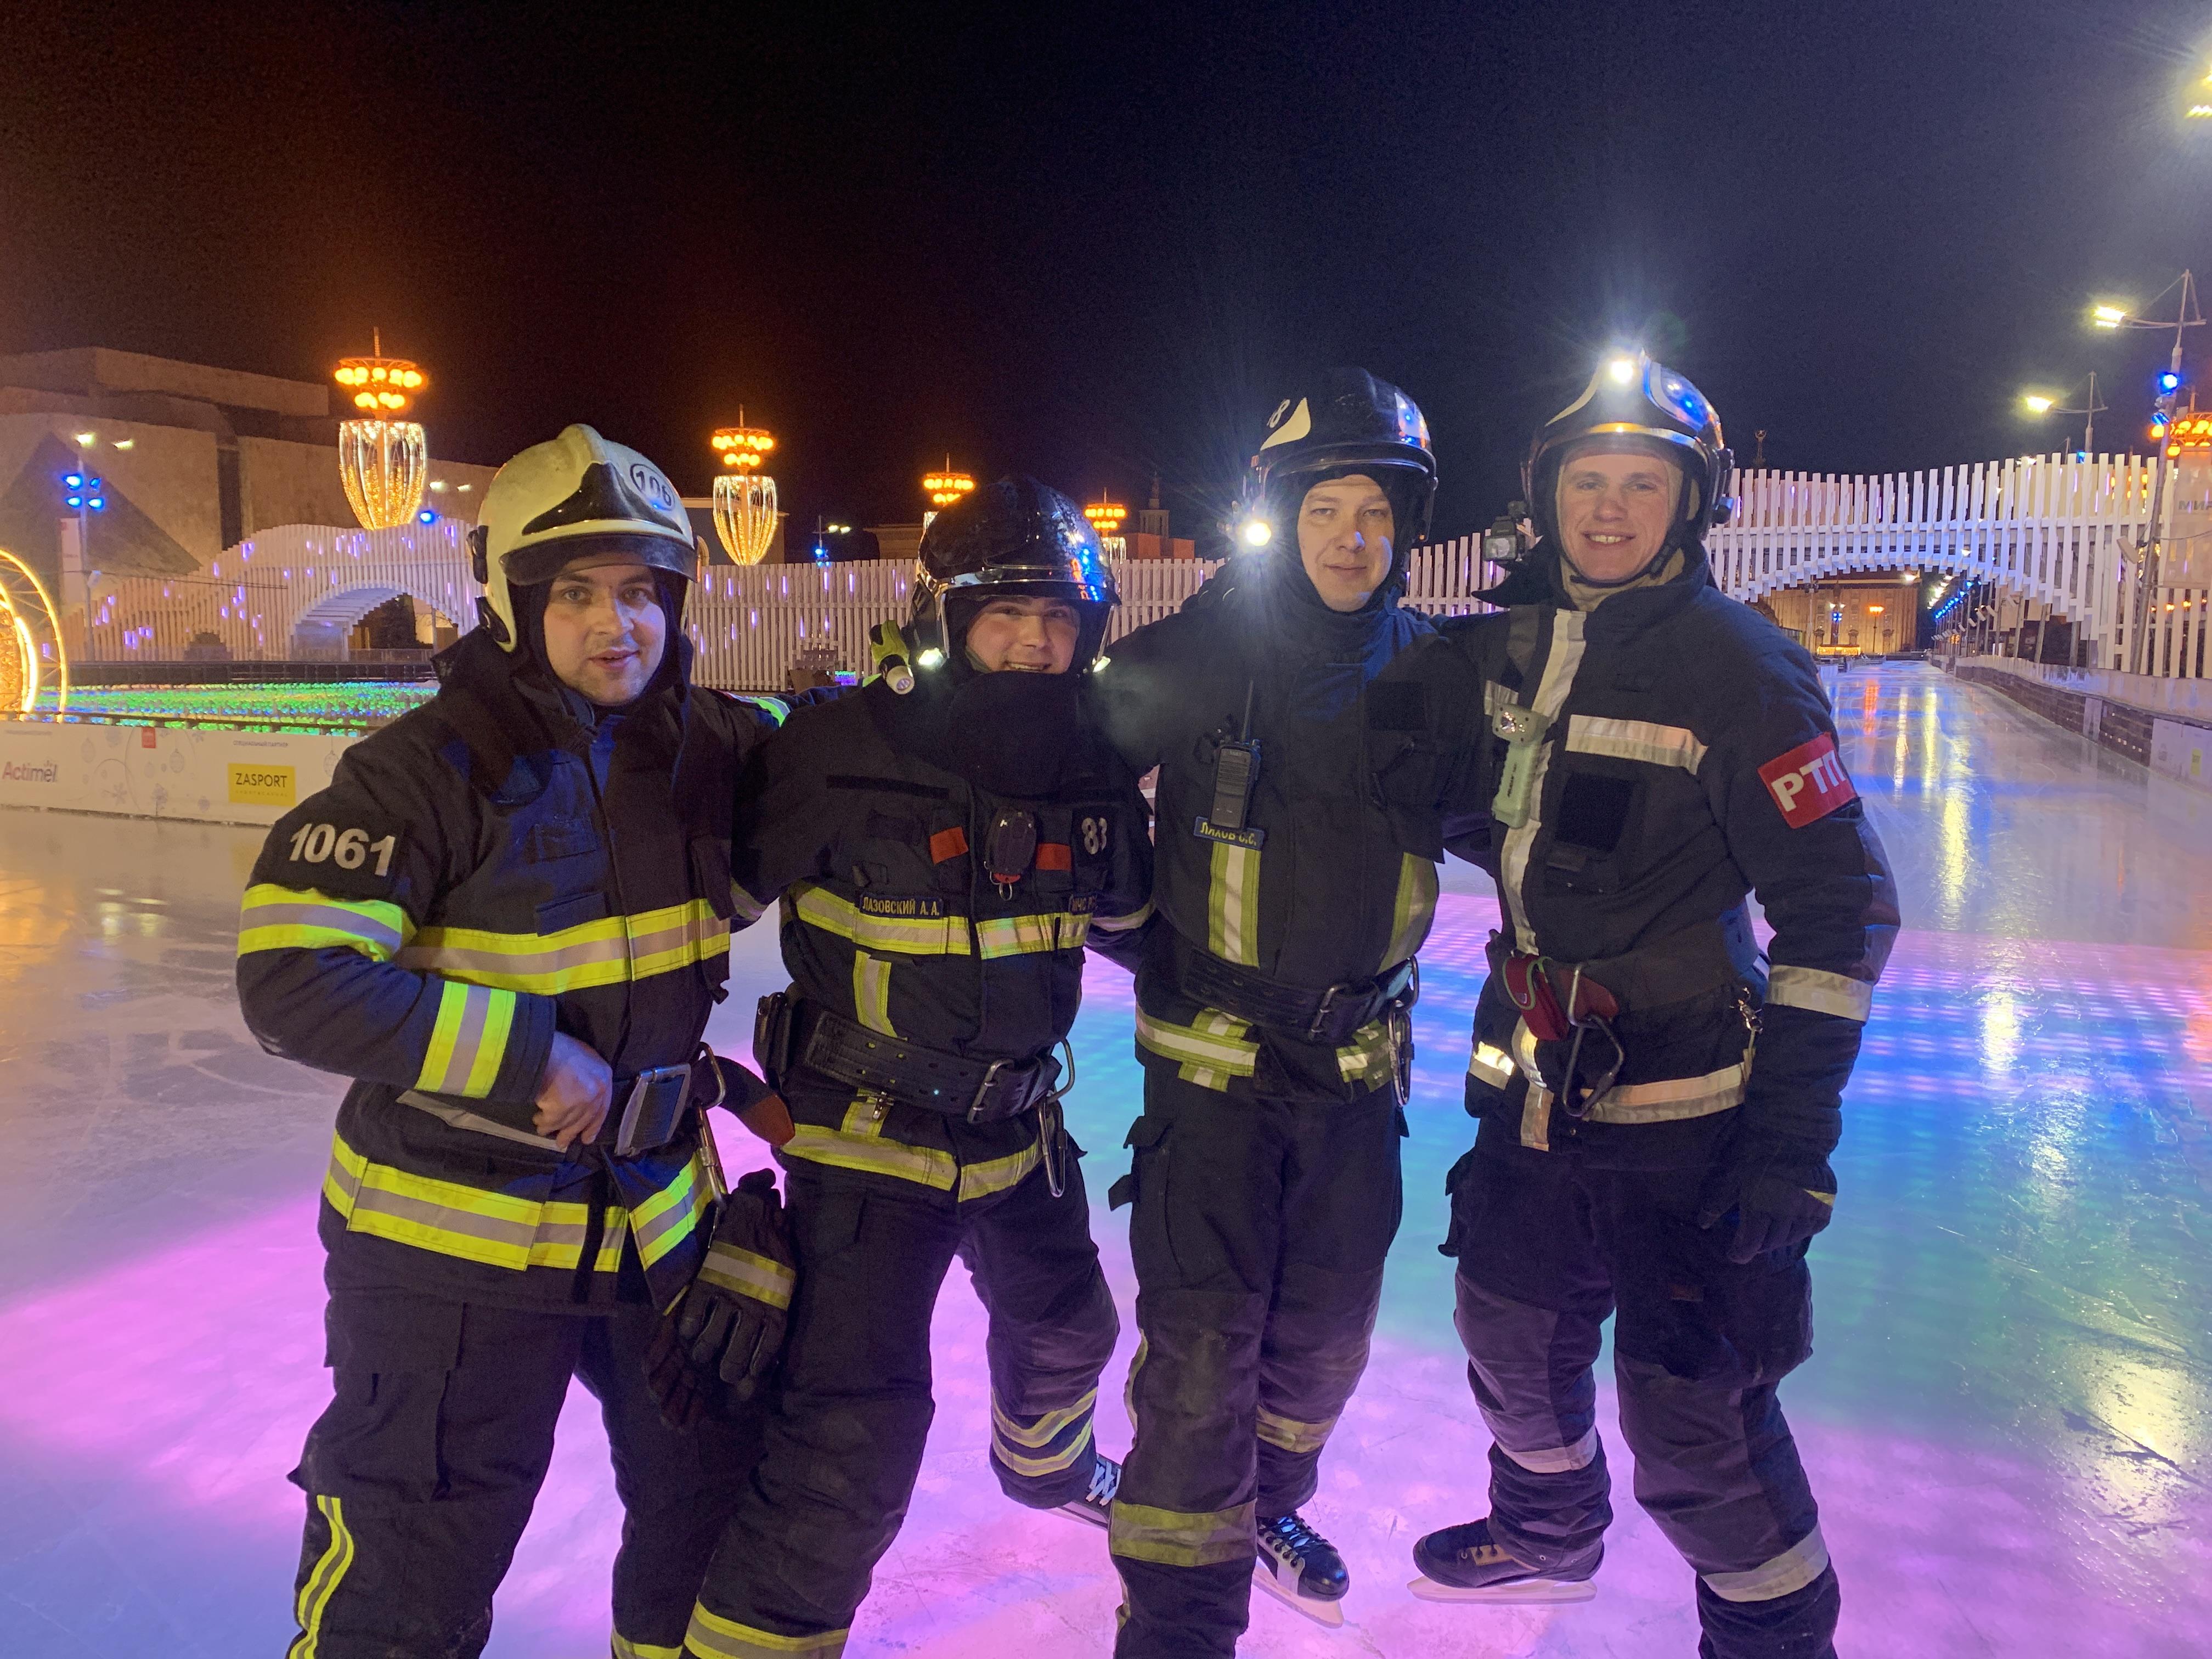 Флешмоб московских огнеборцев «Растопим лед вместе» пройдет на ВДНХ